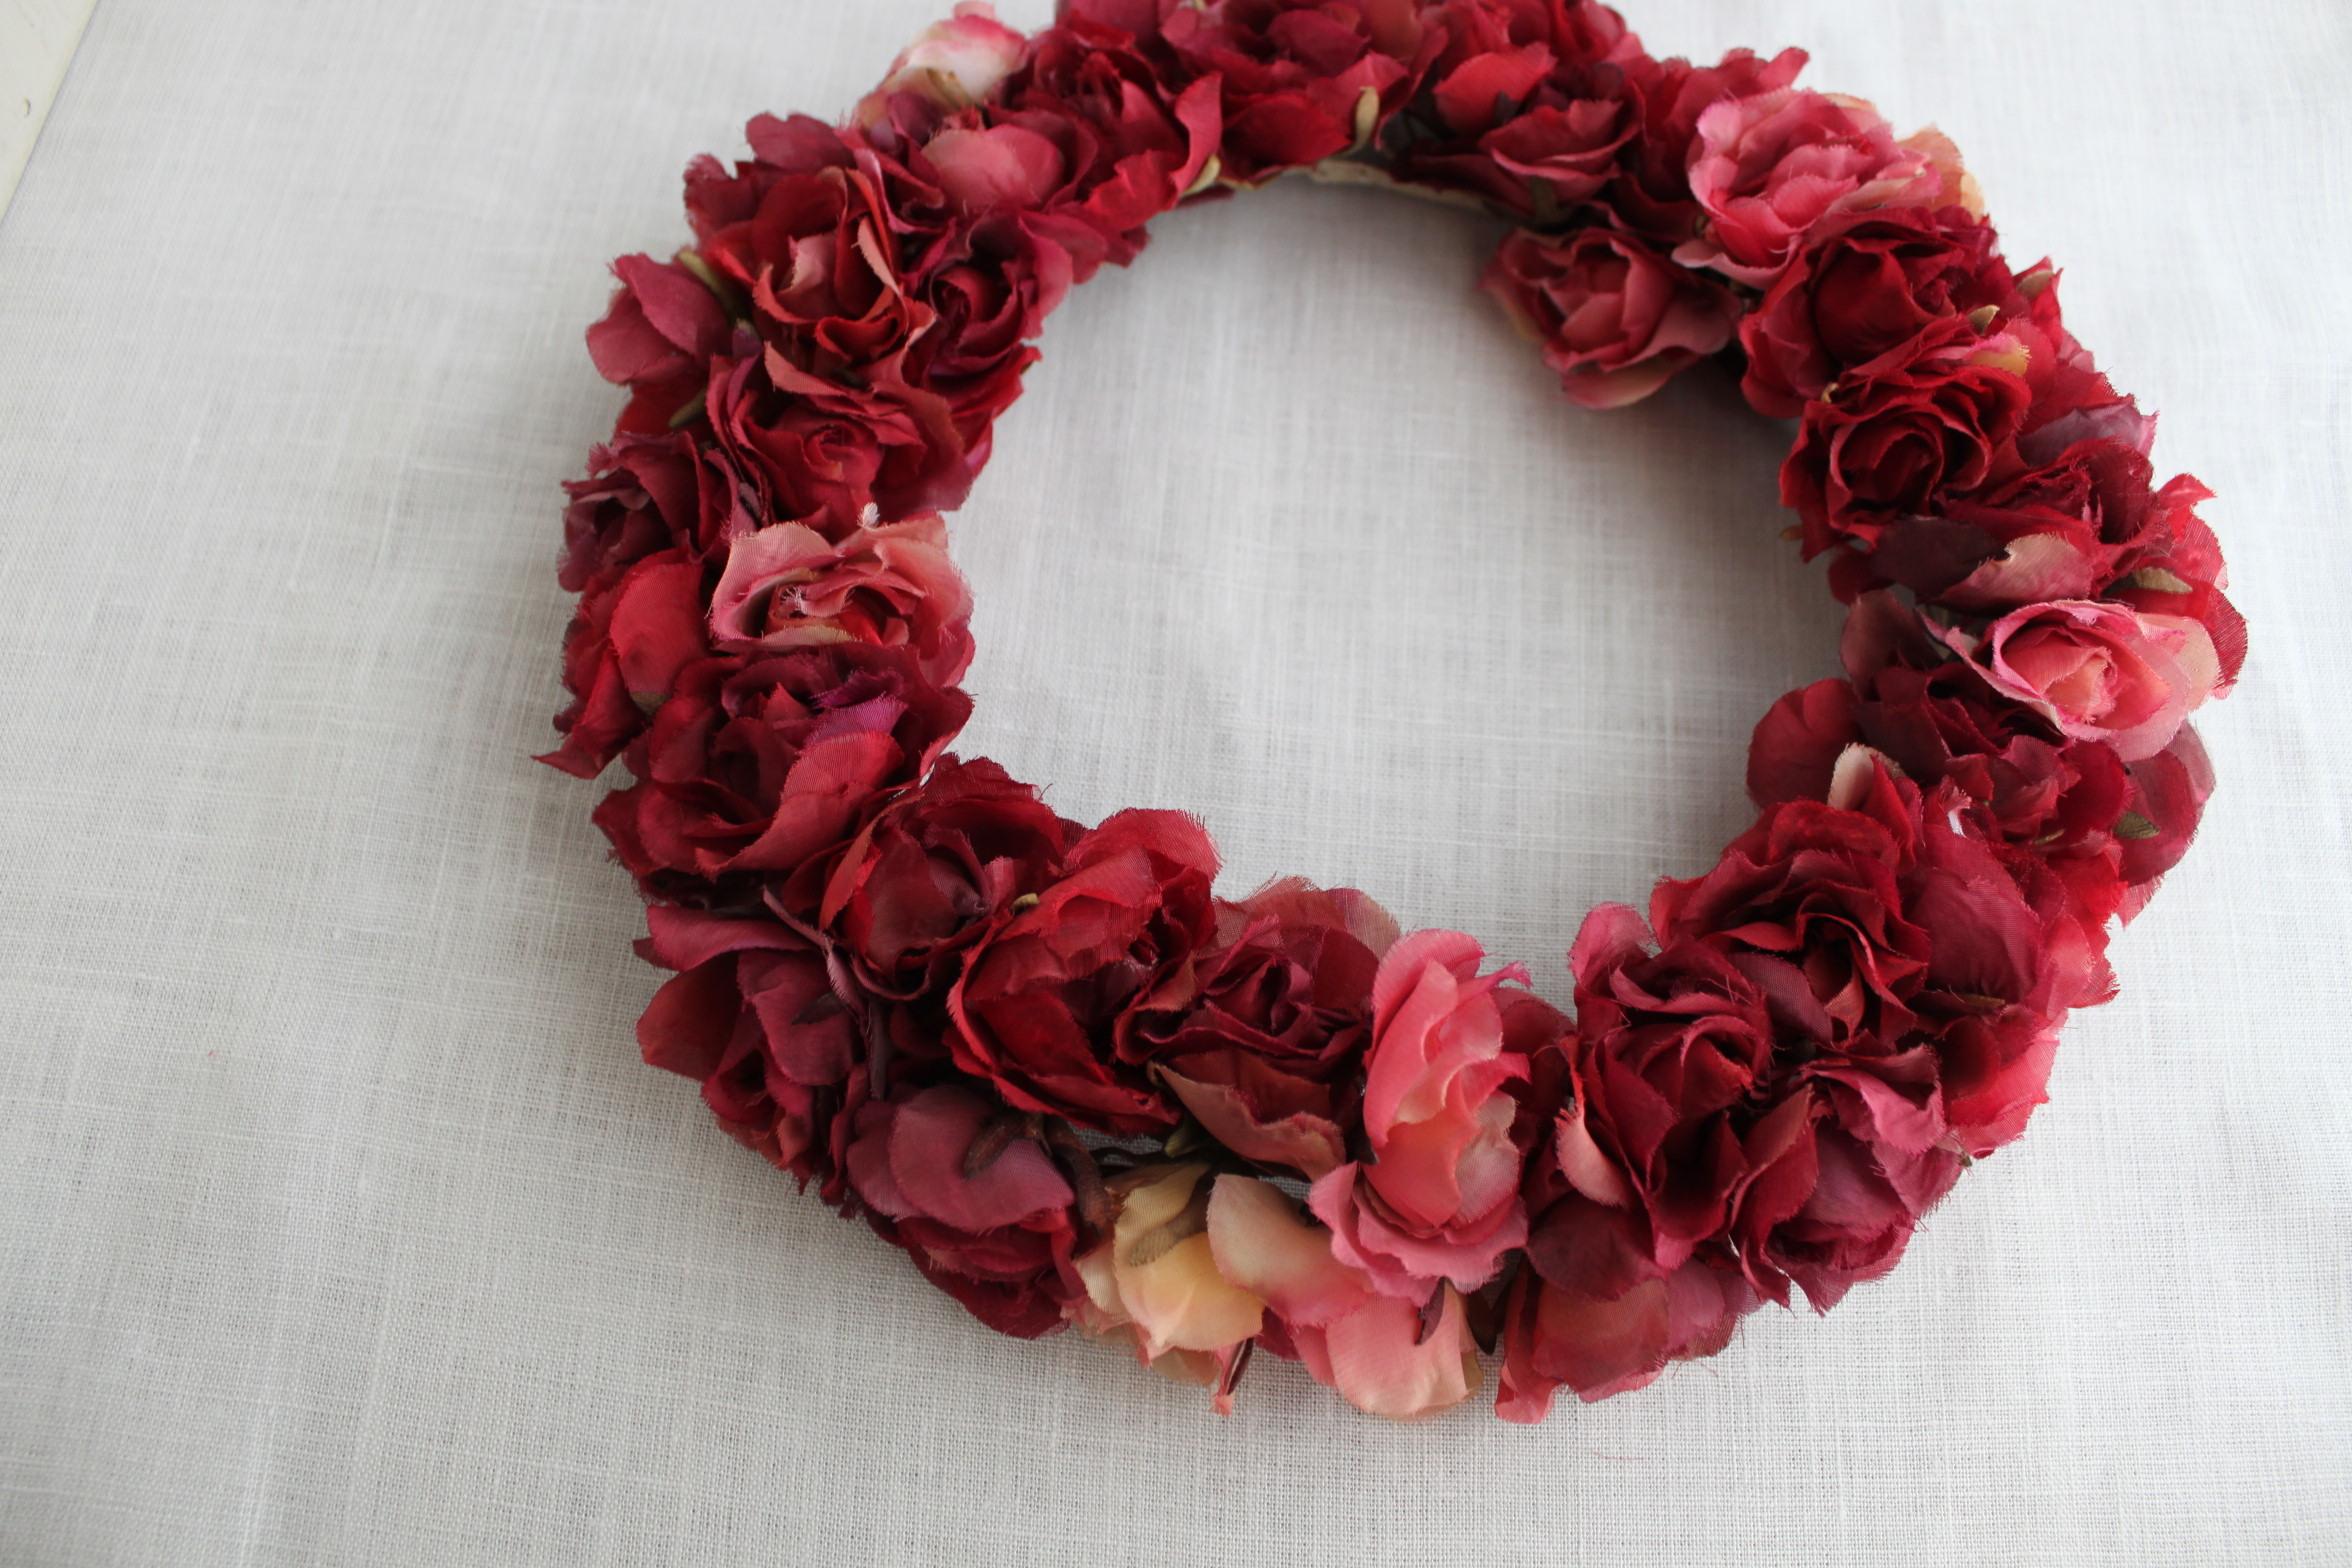 ドライフラワー風に染めた布花薔薇のリース